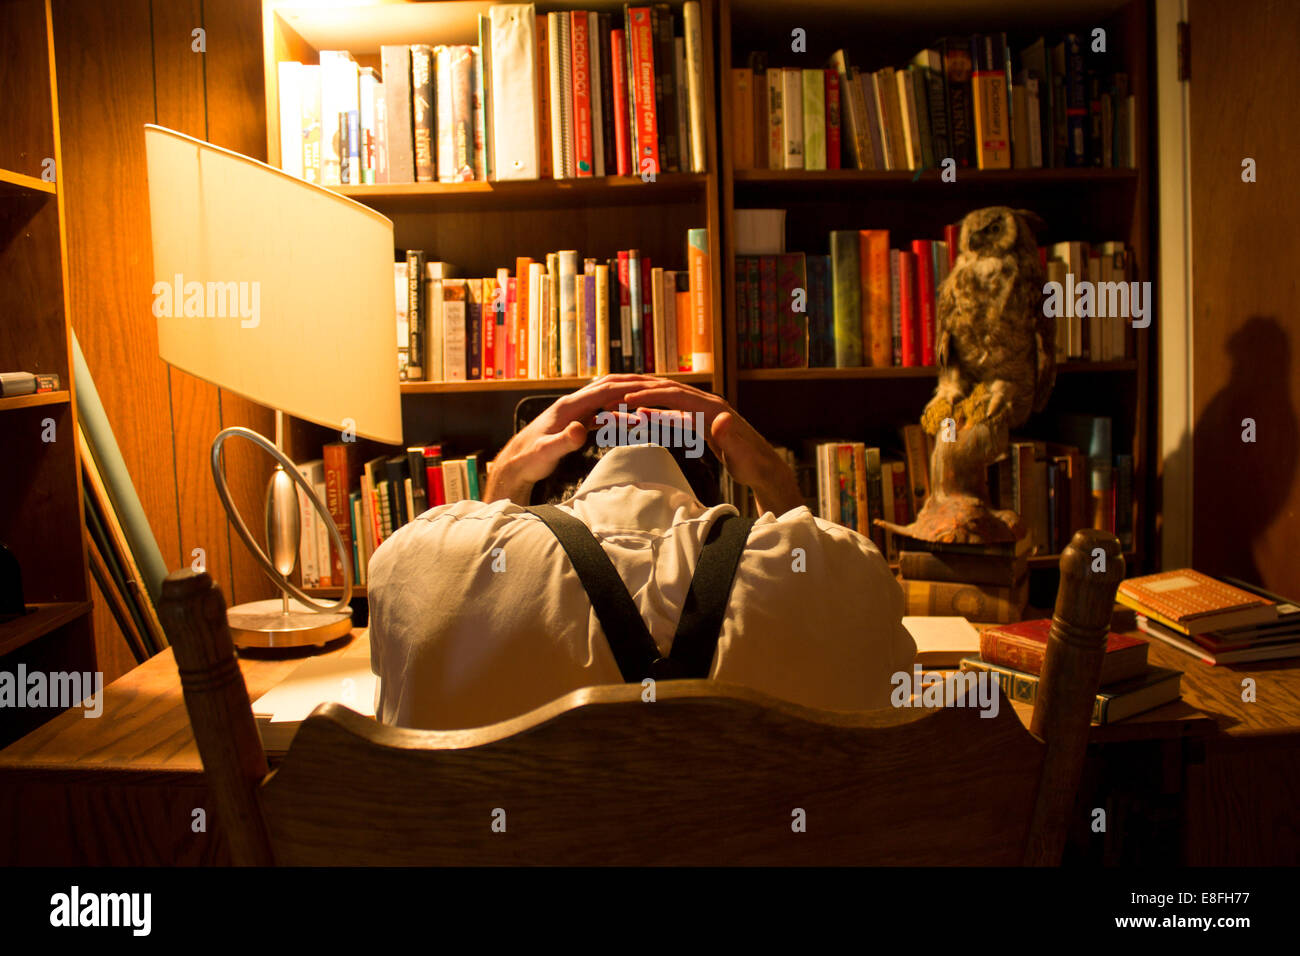 Hombre sentado en una mesa con bloque de escritores Imagen De Stock